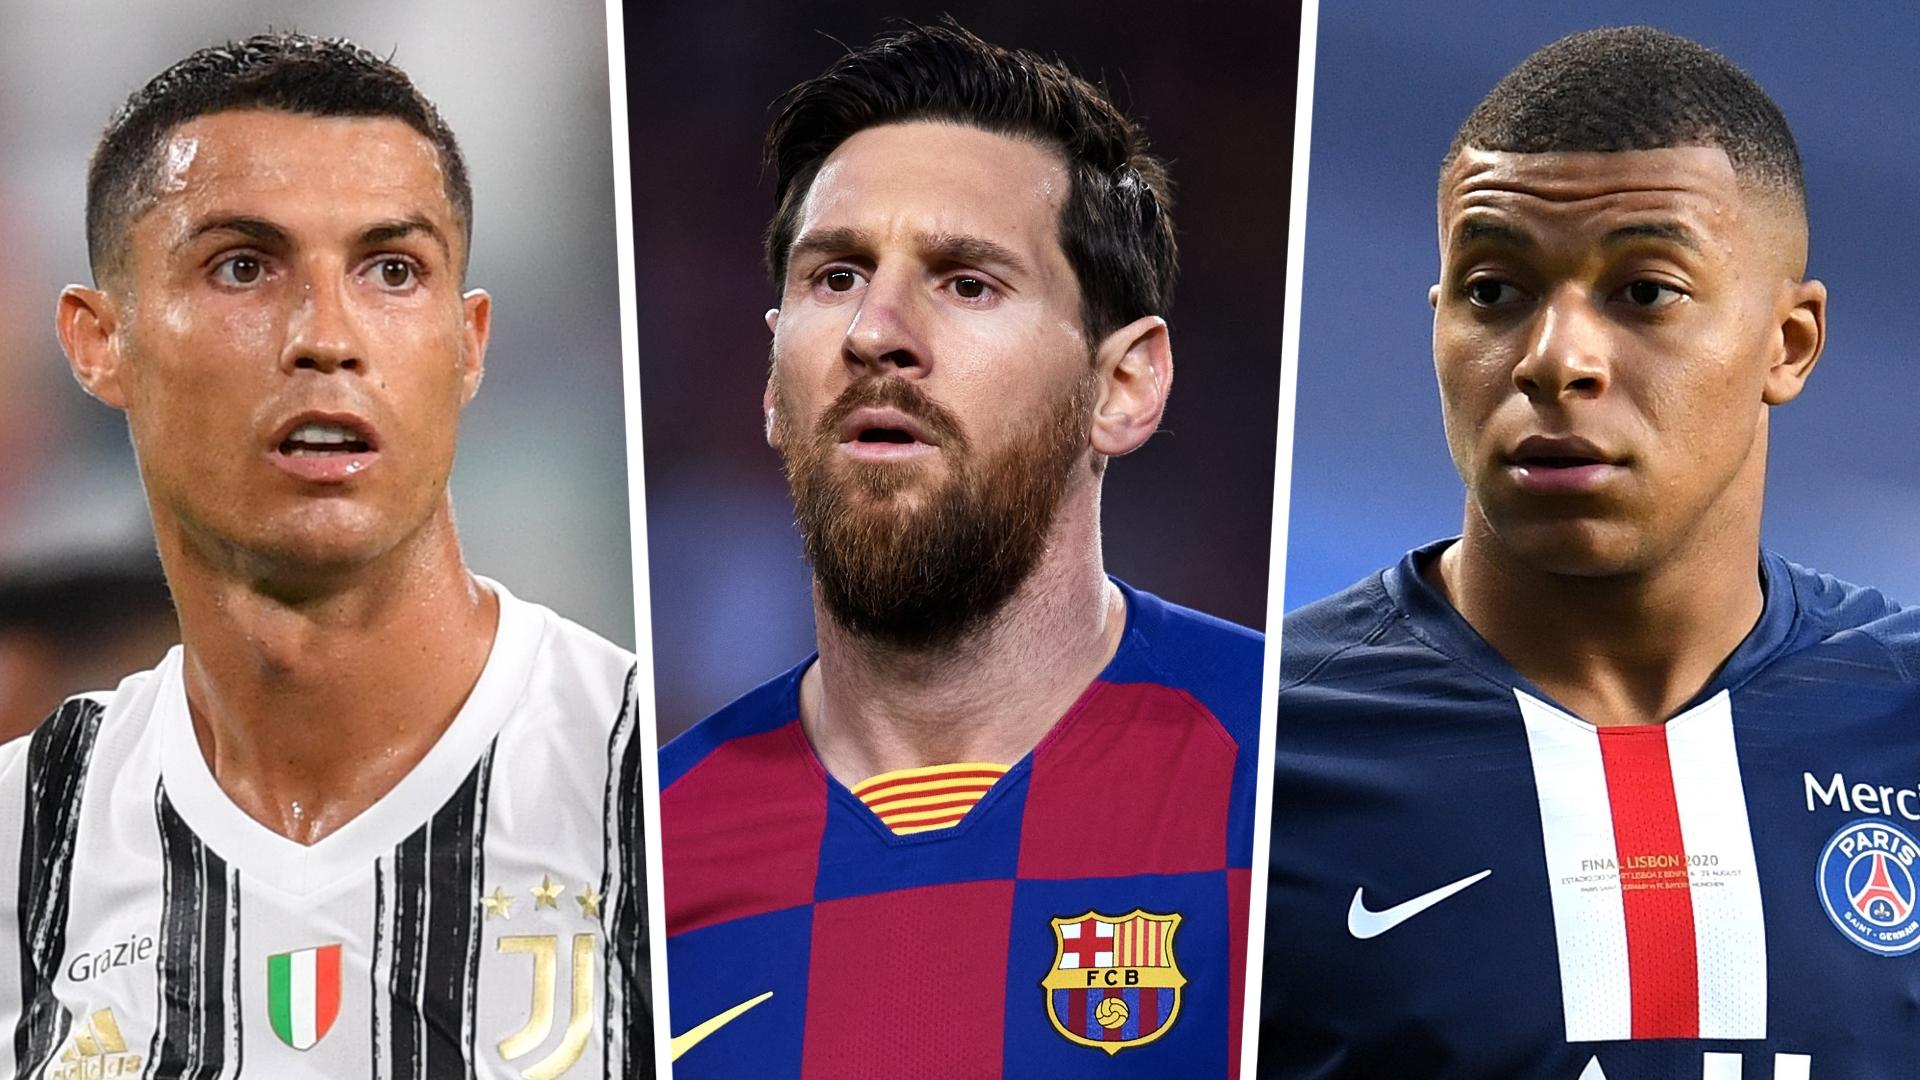 Fifa 21 Ratings Messi Ronaldo Mbappe Top 100 Players Ranked Goal Com